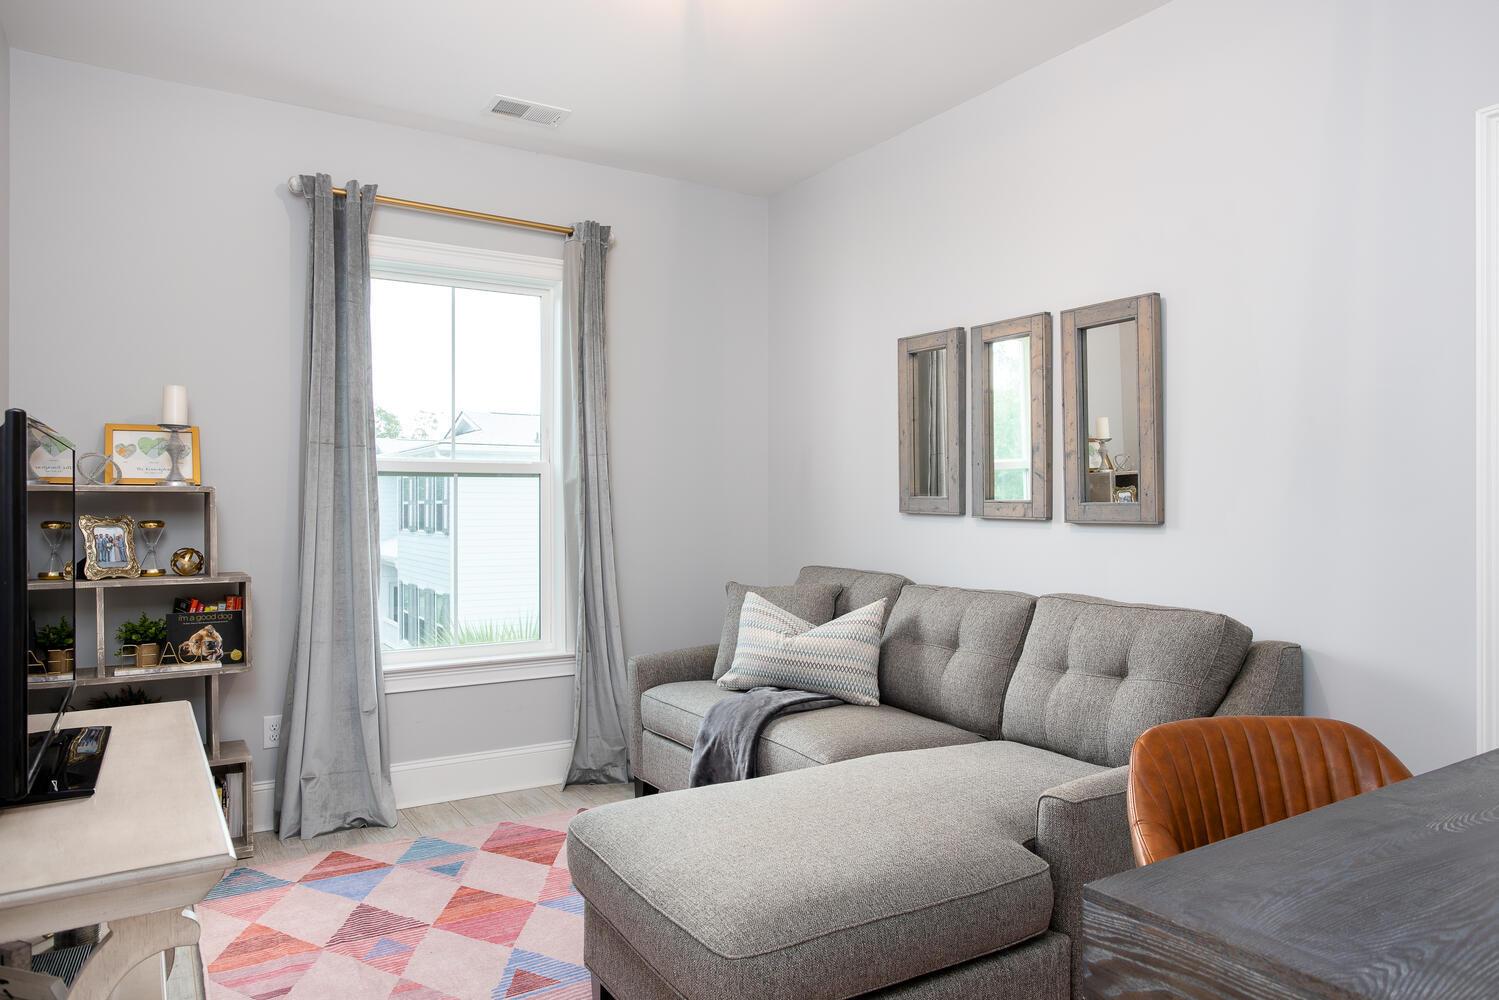 Kings Flats Homes For Sale - 103 Alder, Charleston, SC - 29